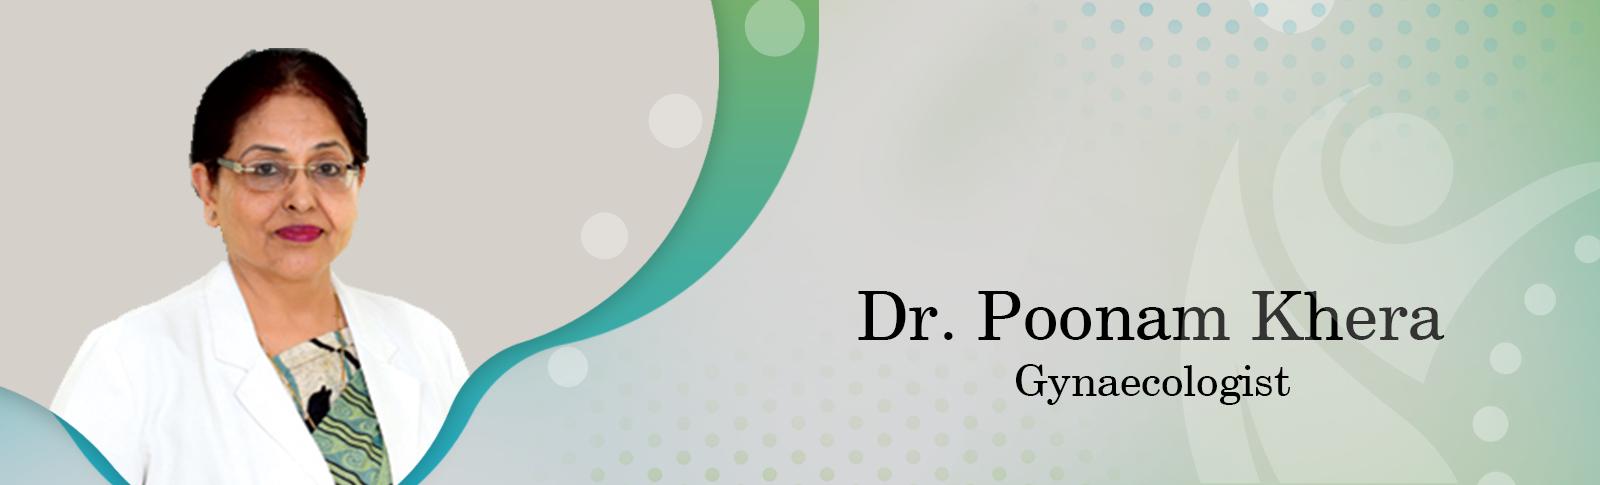 Dr. Poonam Khera